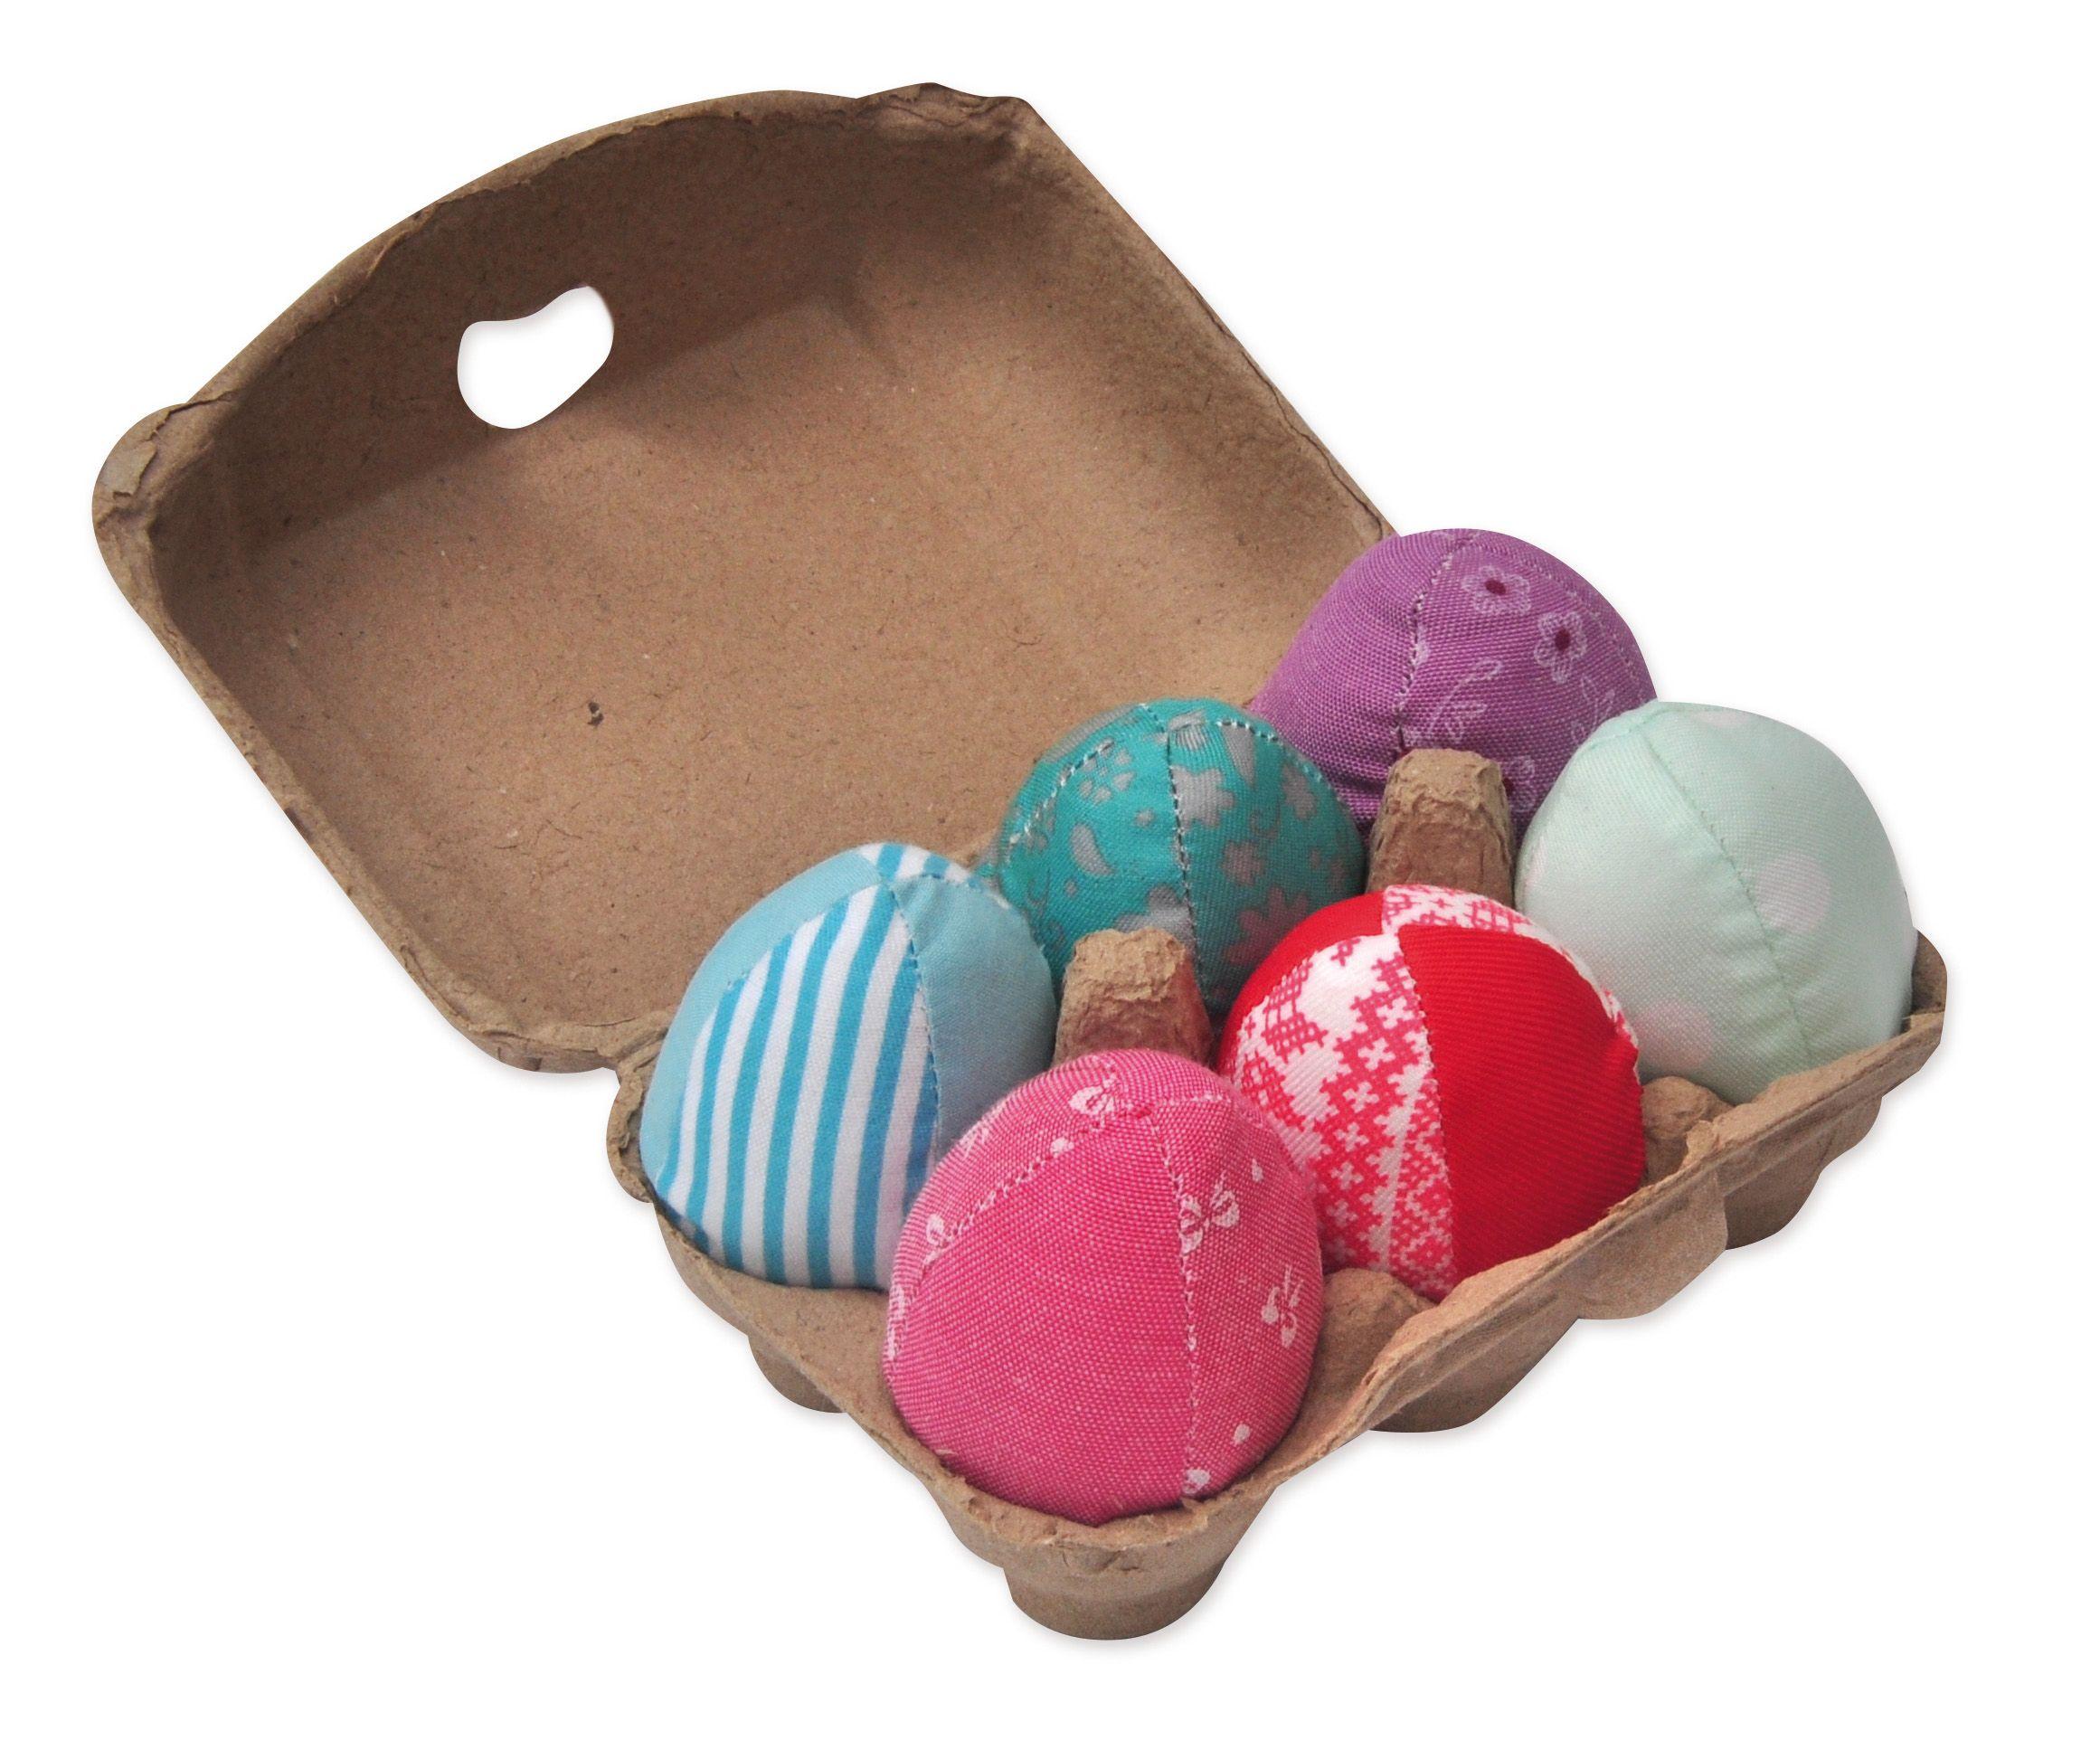 Aumüller 6 Ostereier/Spieleeier gefüllt mit Katzenminze und Silver Vine, mit 4farbiger Banderole